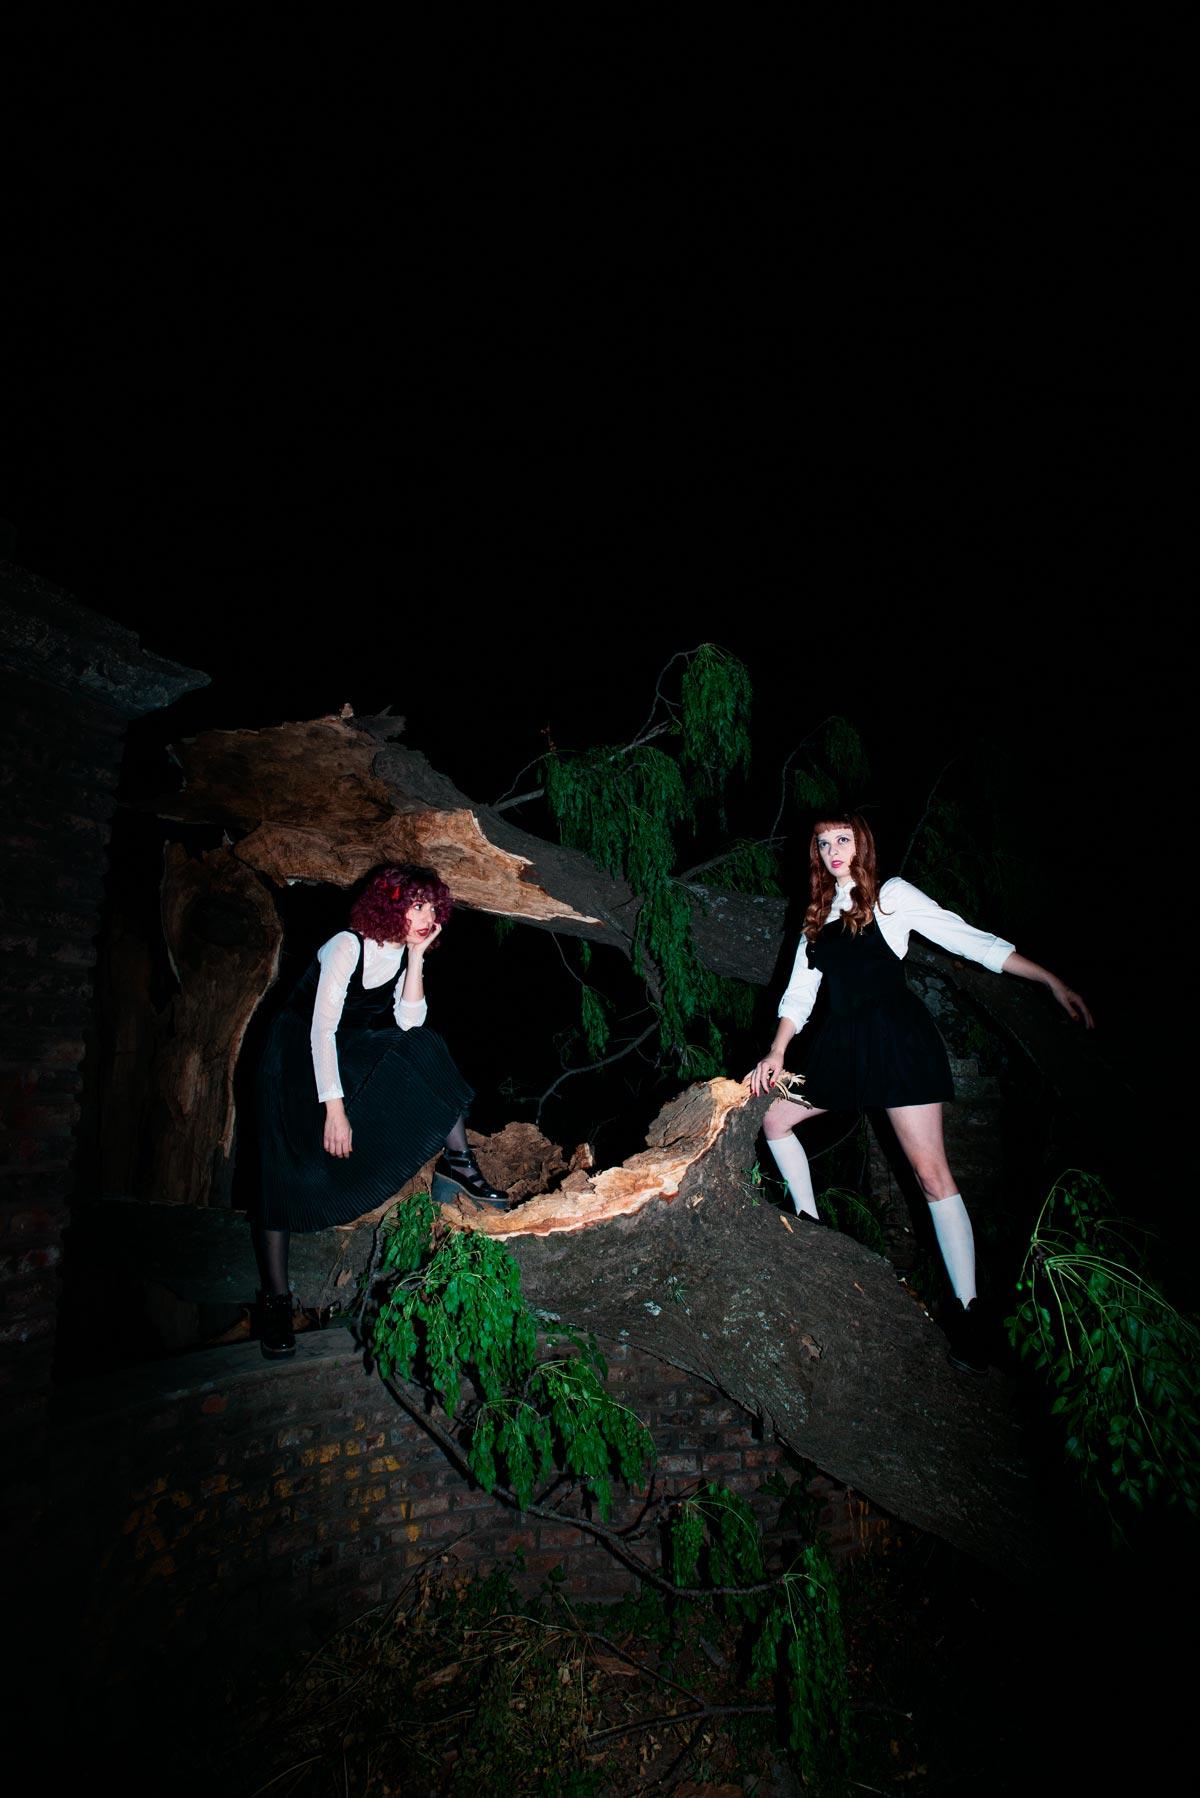 Lalalas se entrega a la experimentación dark en su segundo disco: Misterio nocturno